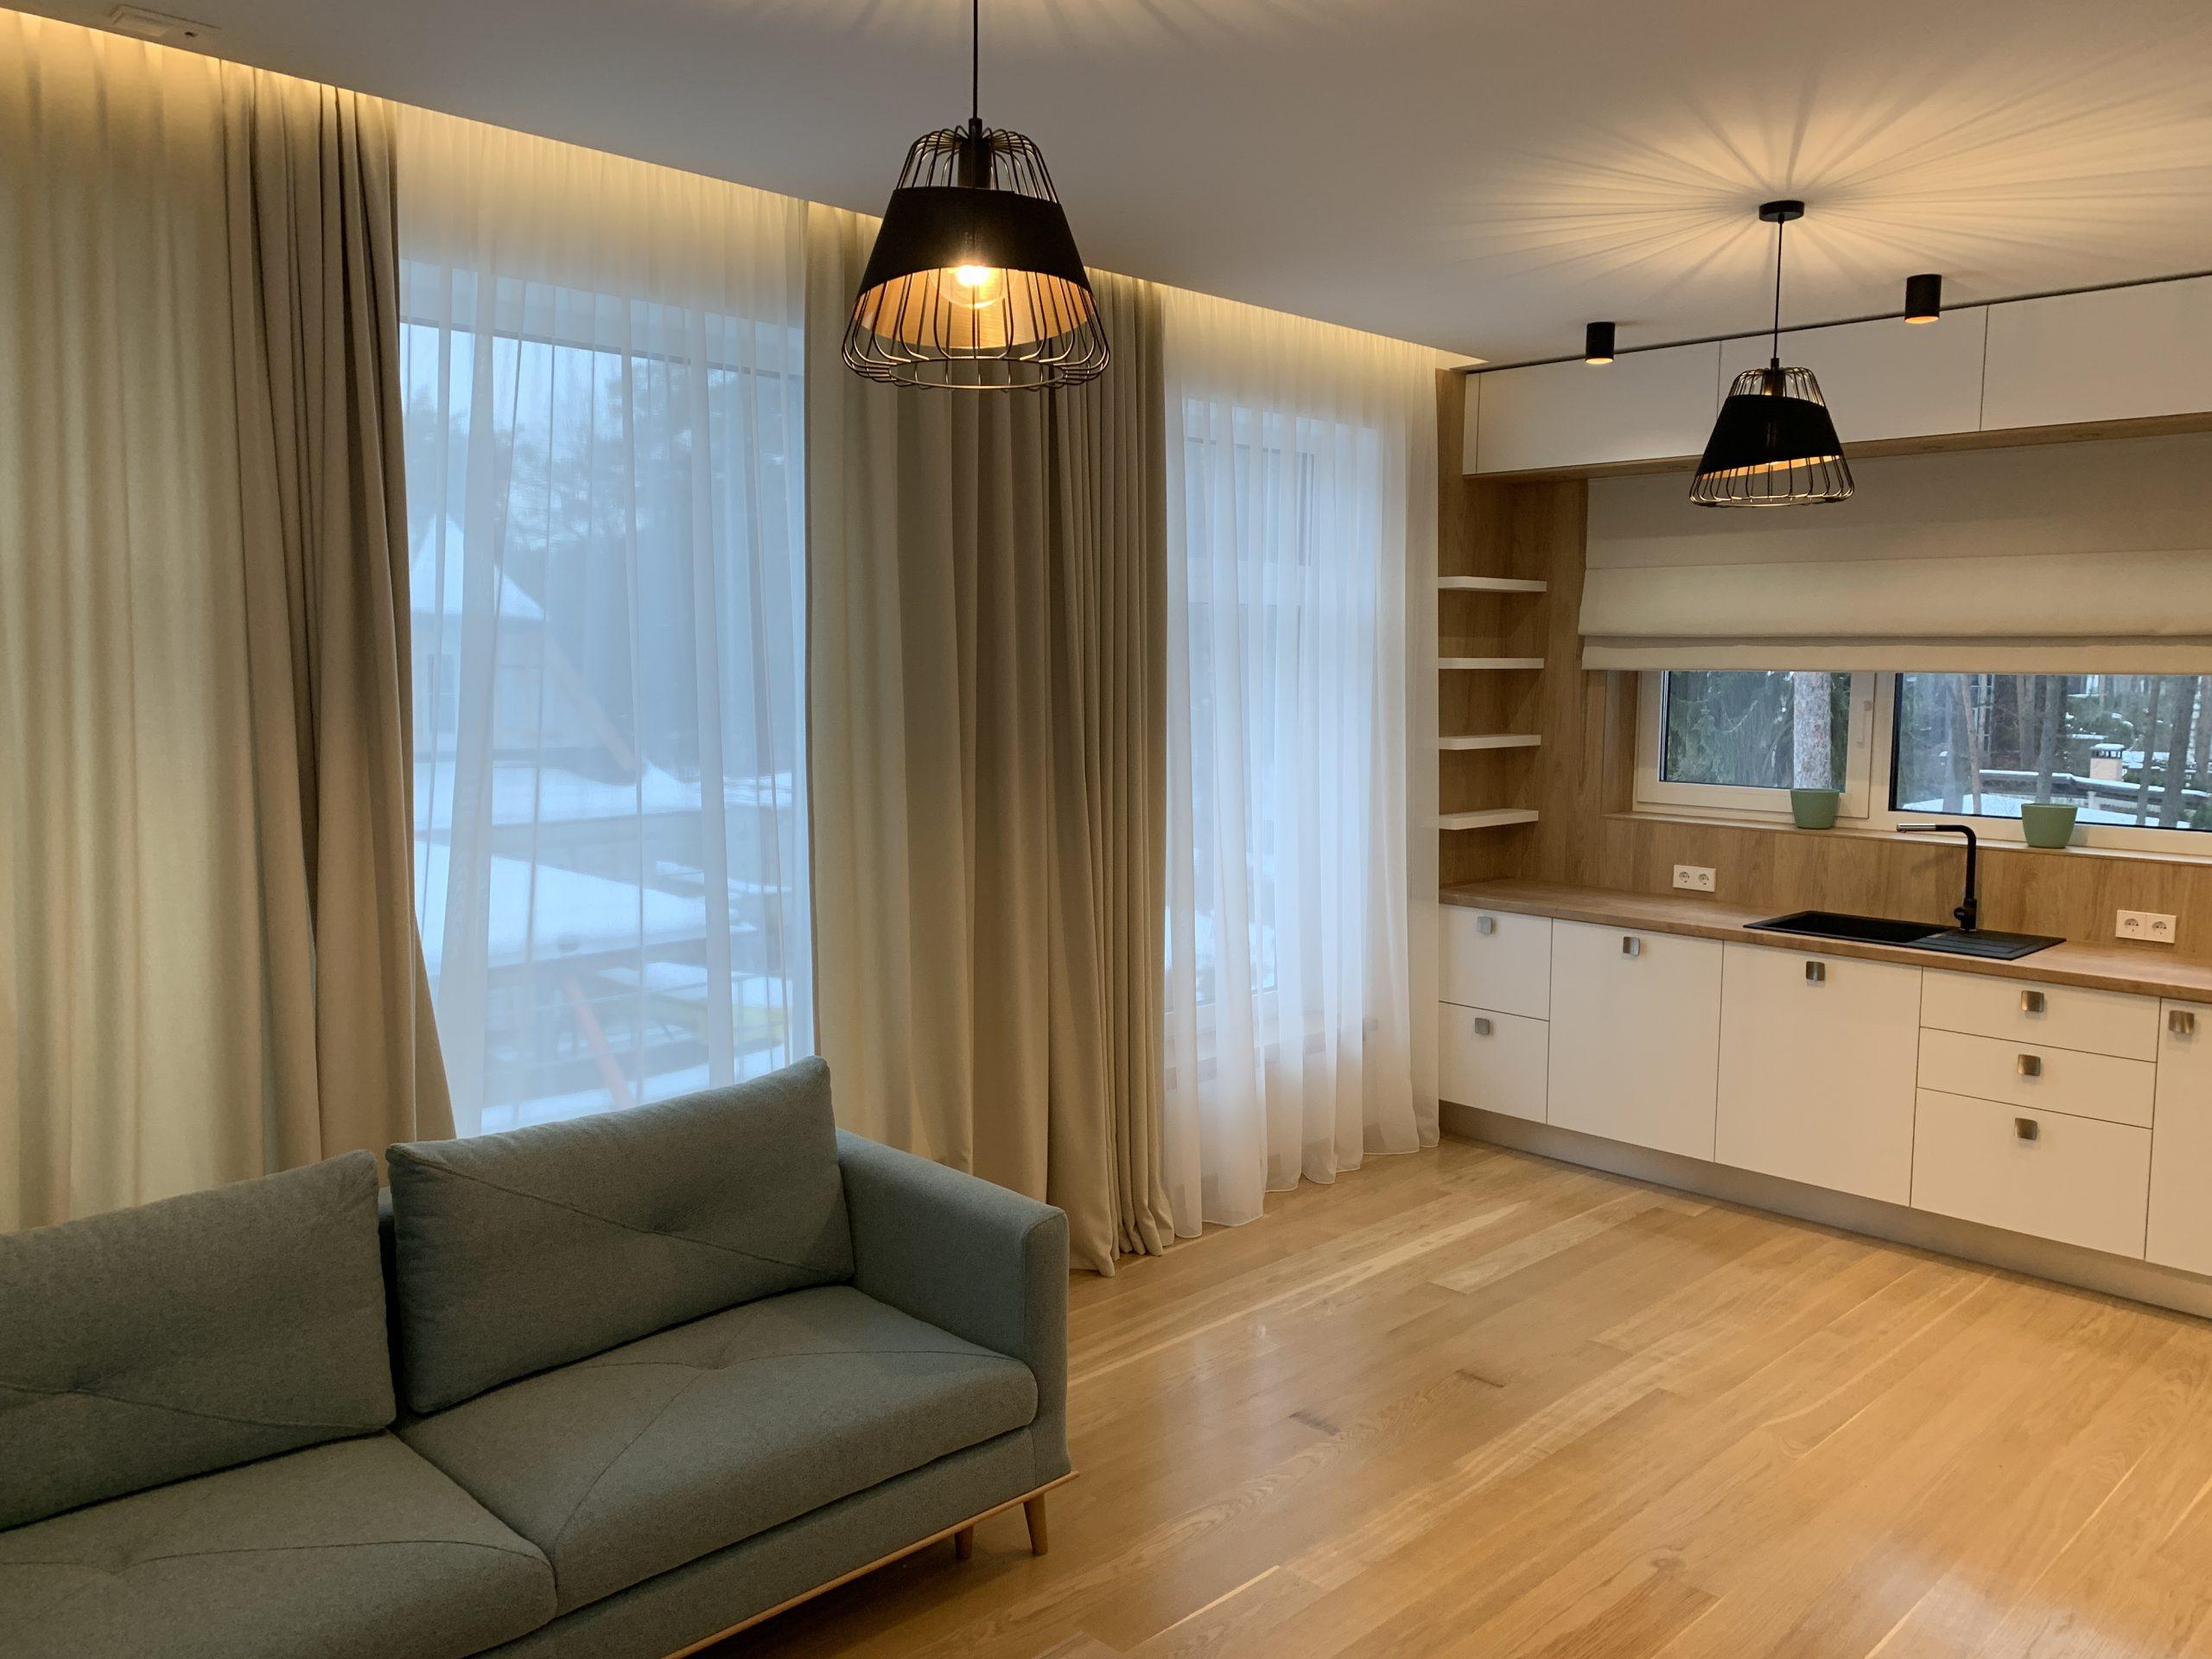 Продается квартире в новом проекте, Лиелупе